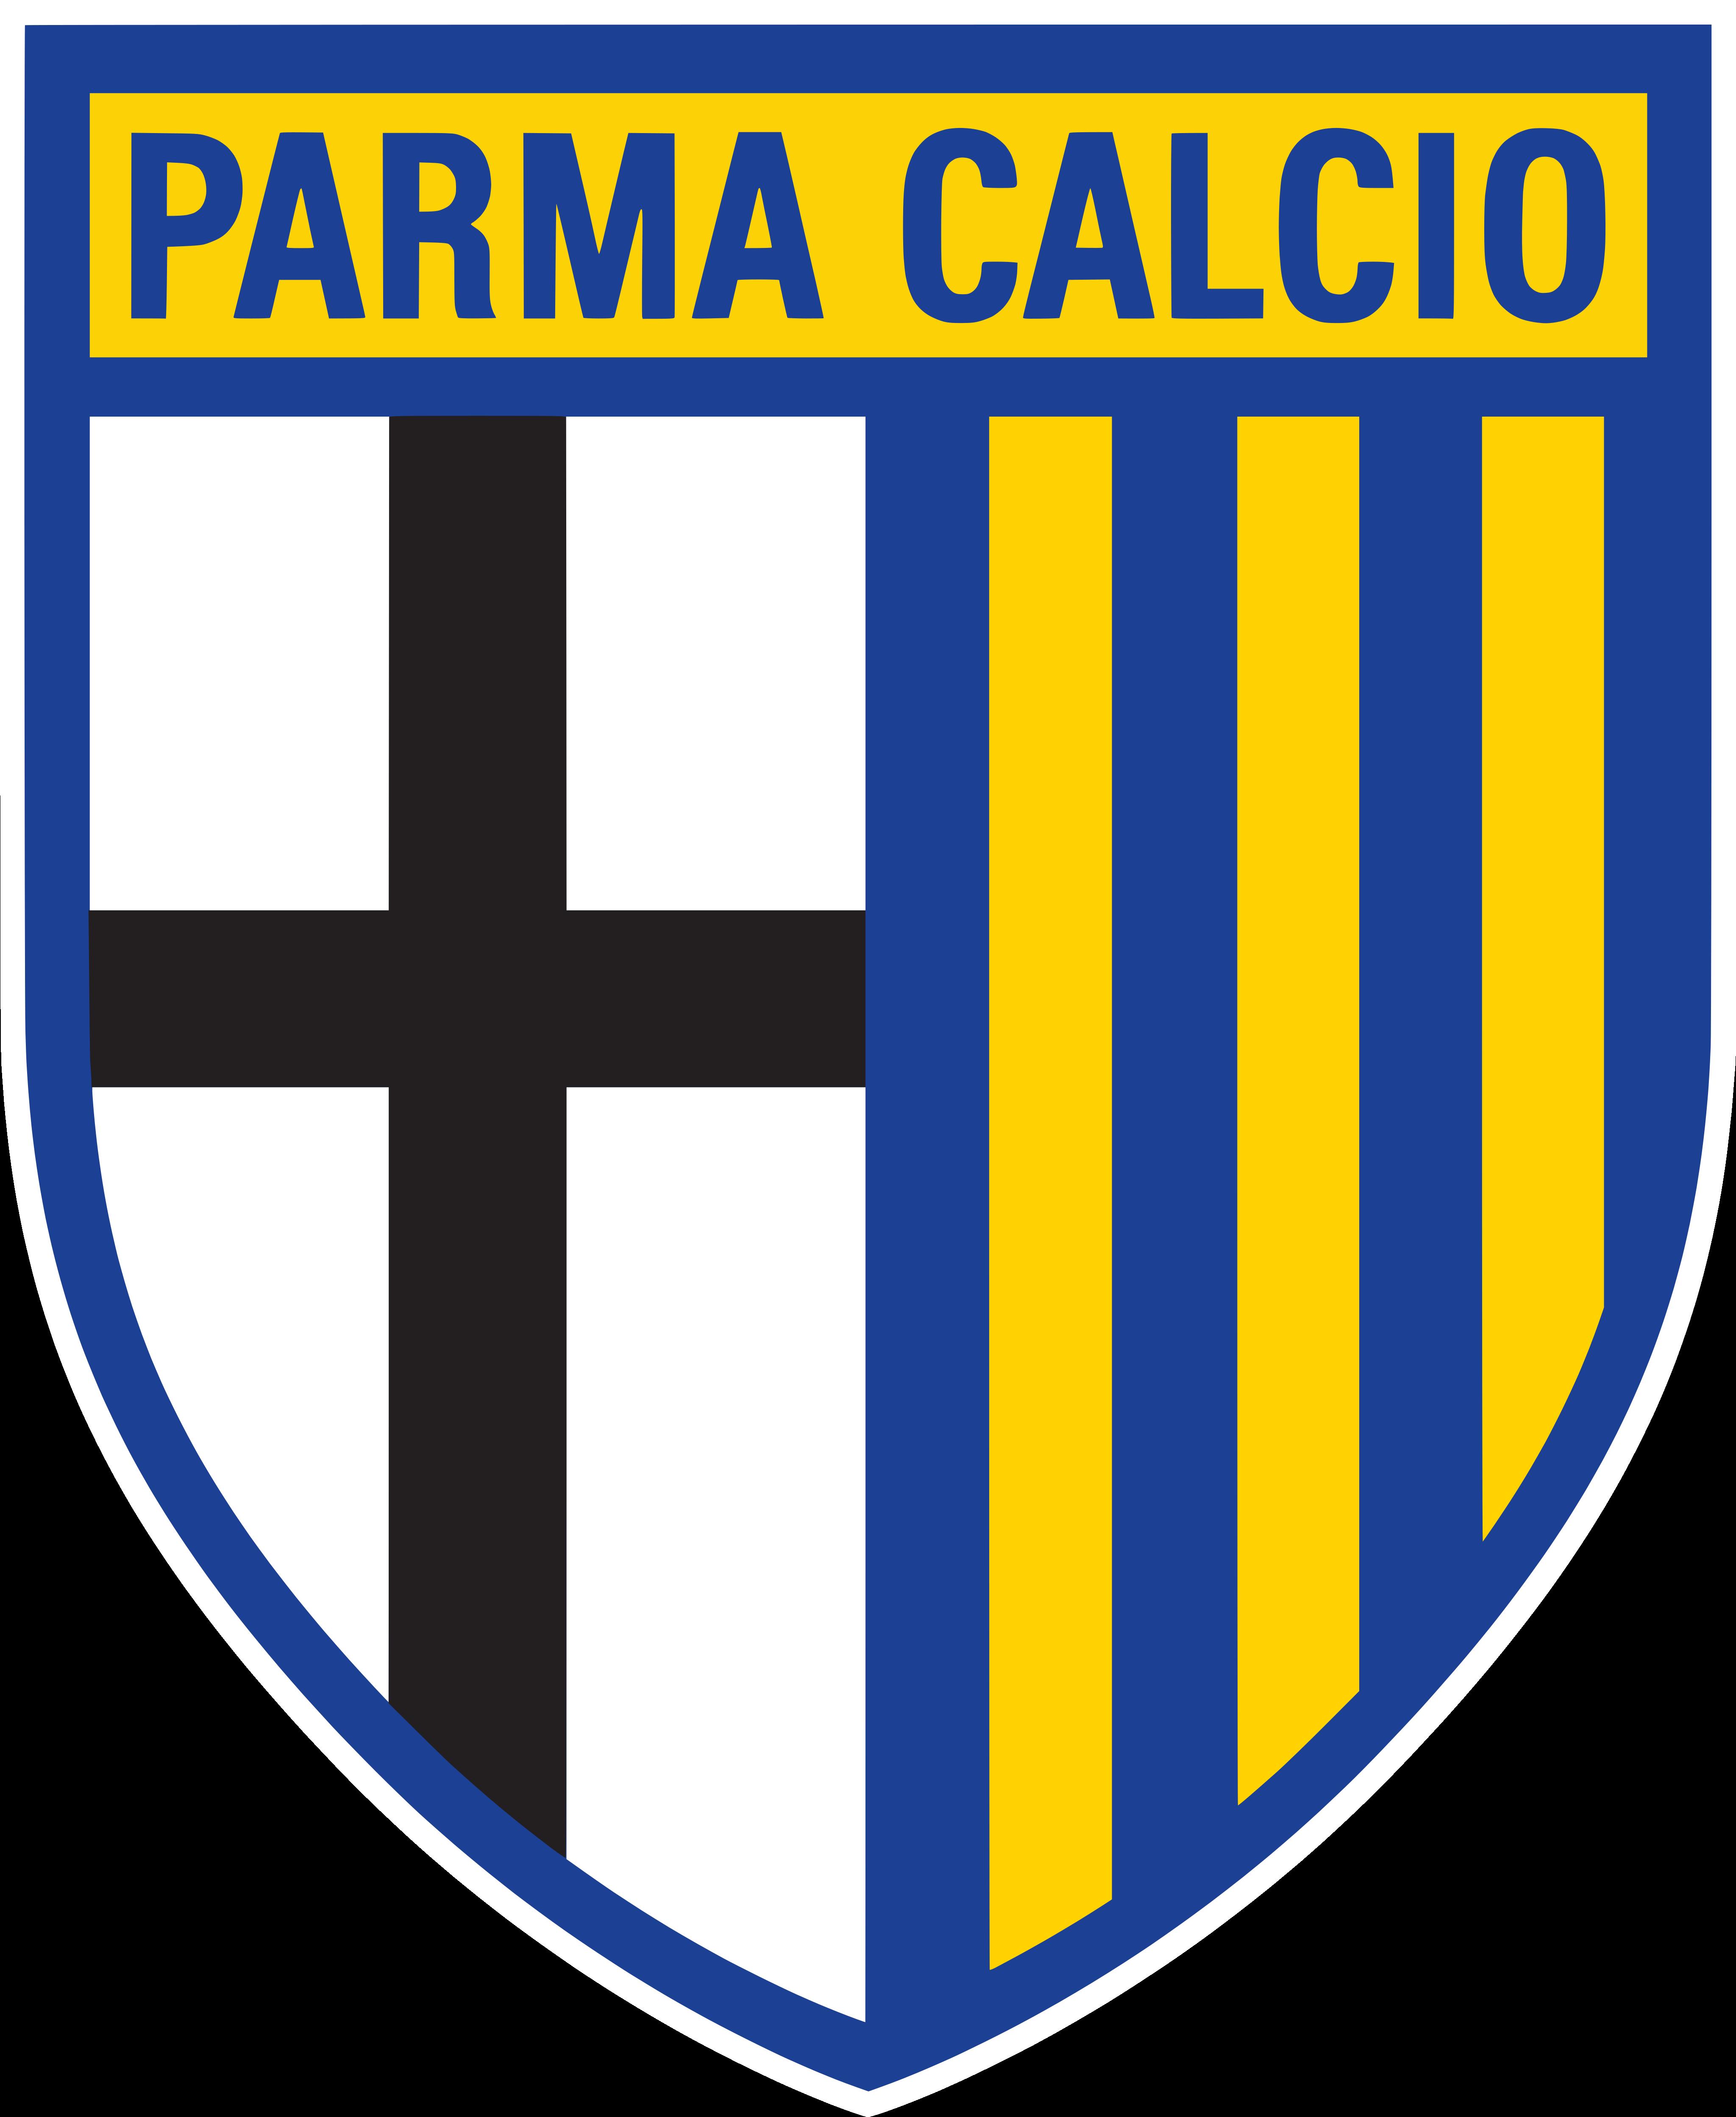 Parma Logo.